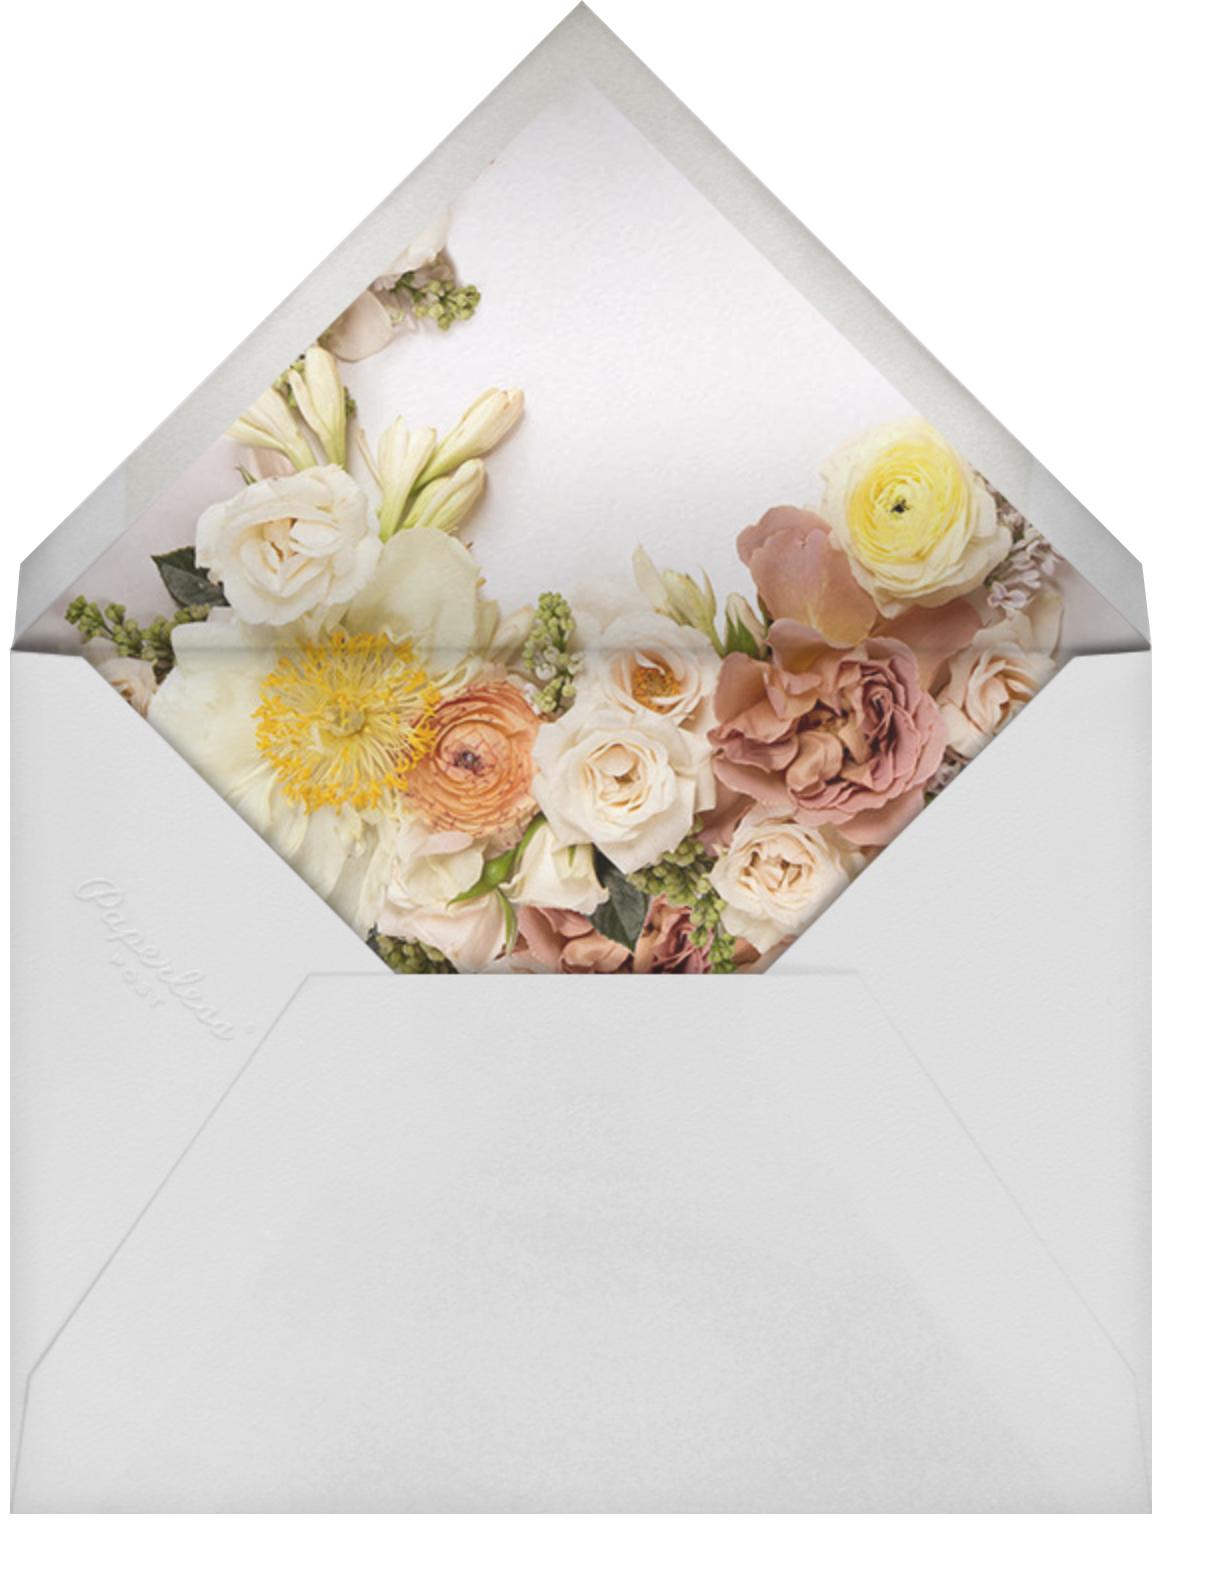 Pluviôse - Putnam & Putnam - Wedding brunch - envelope back